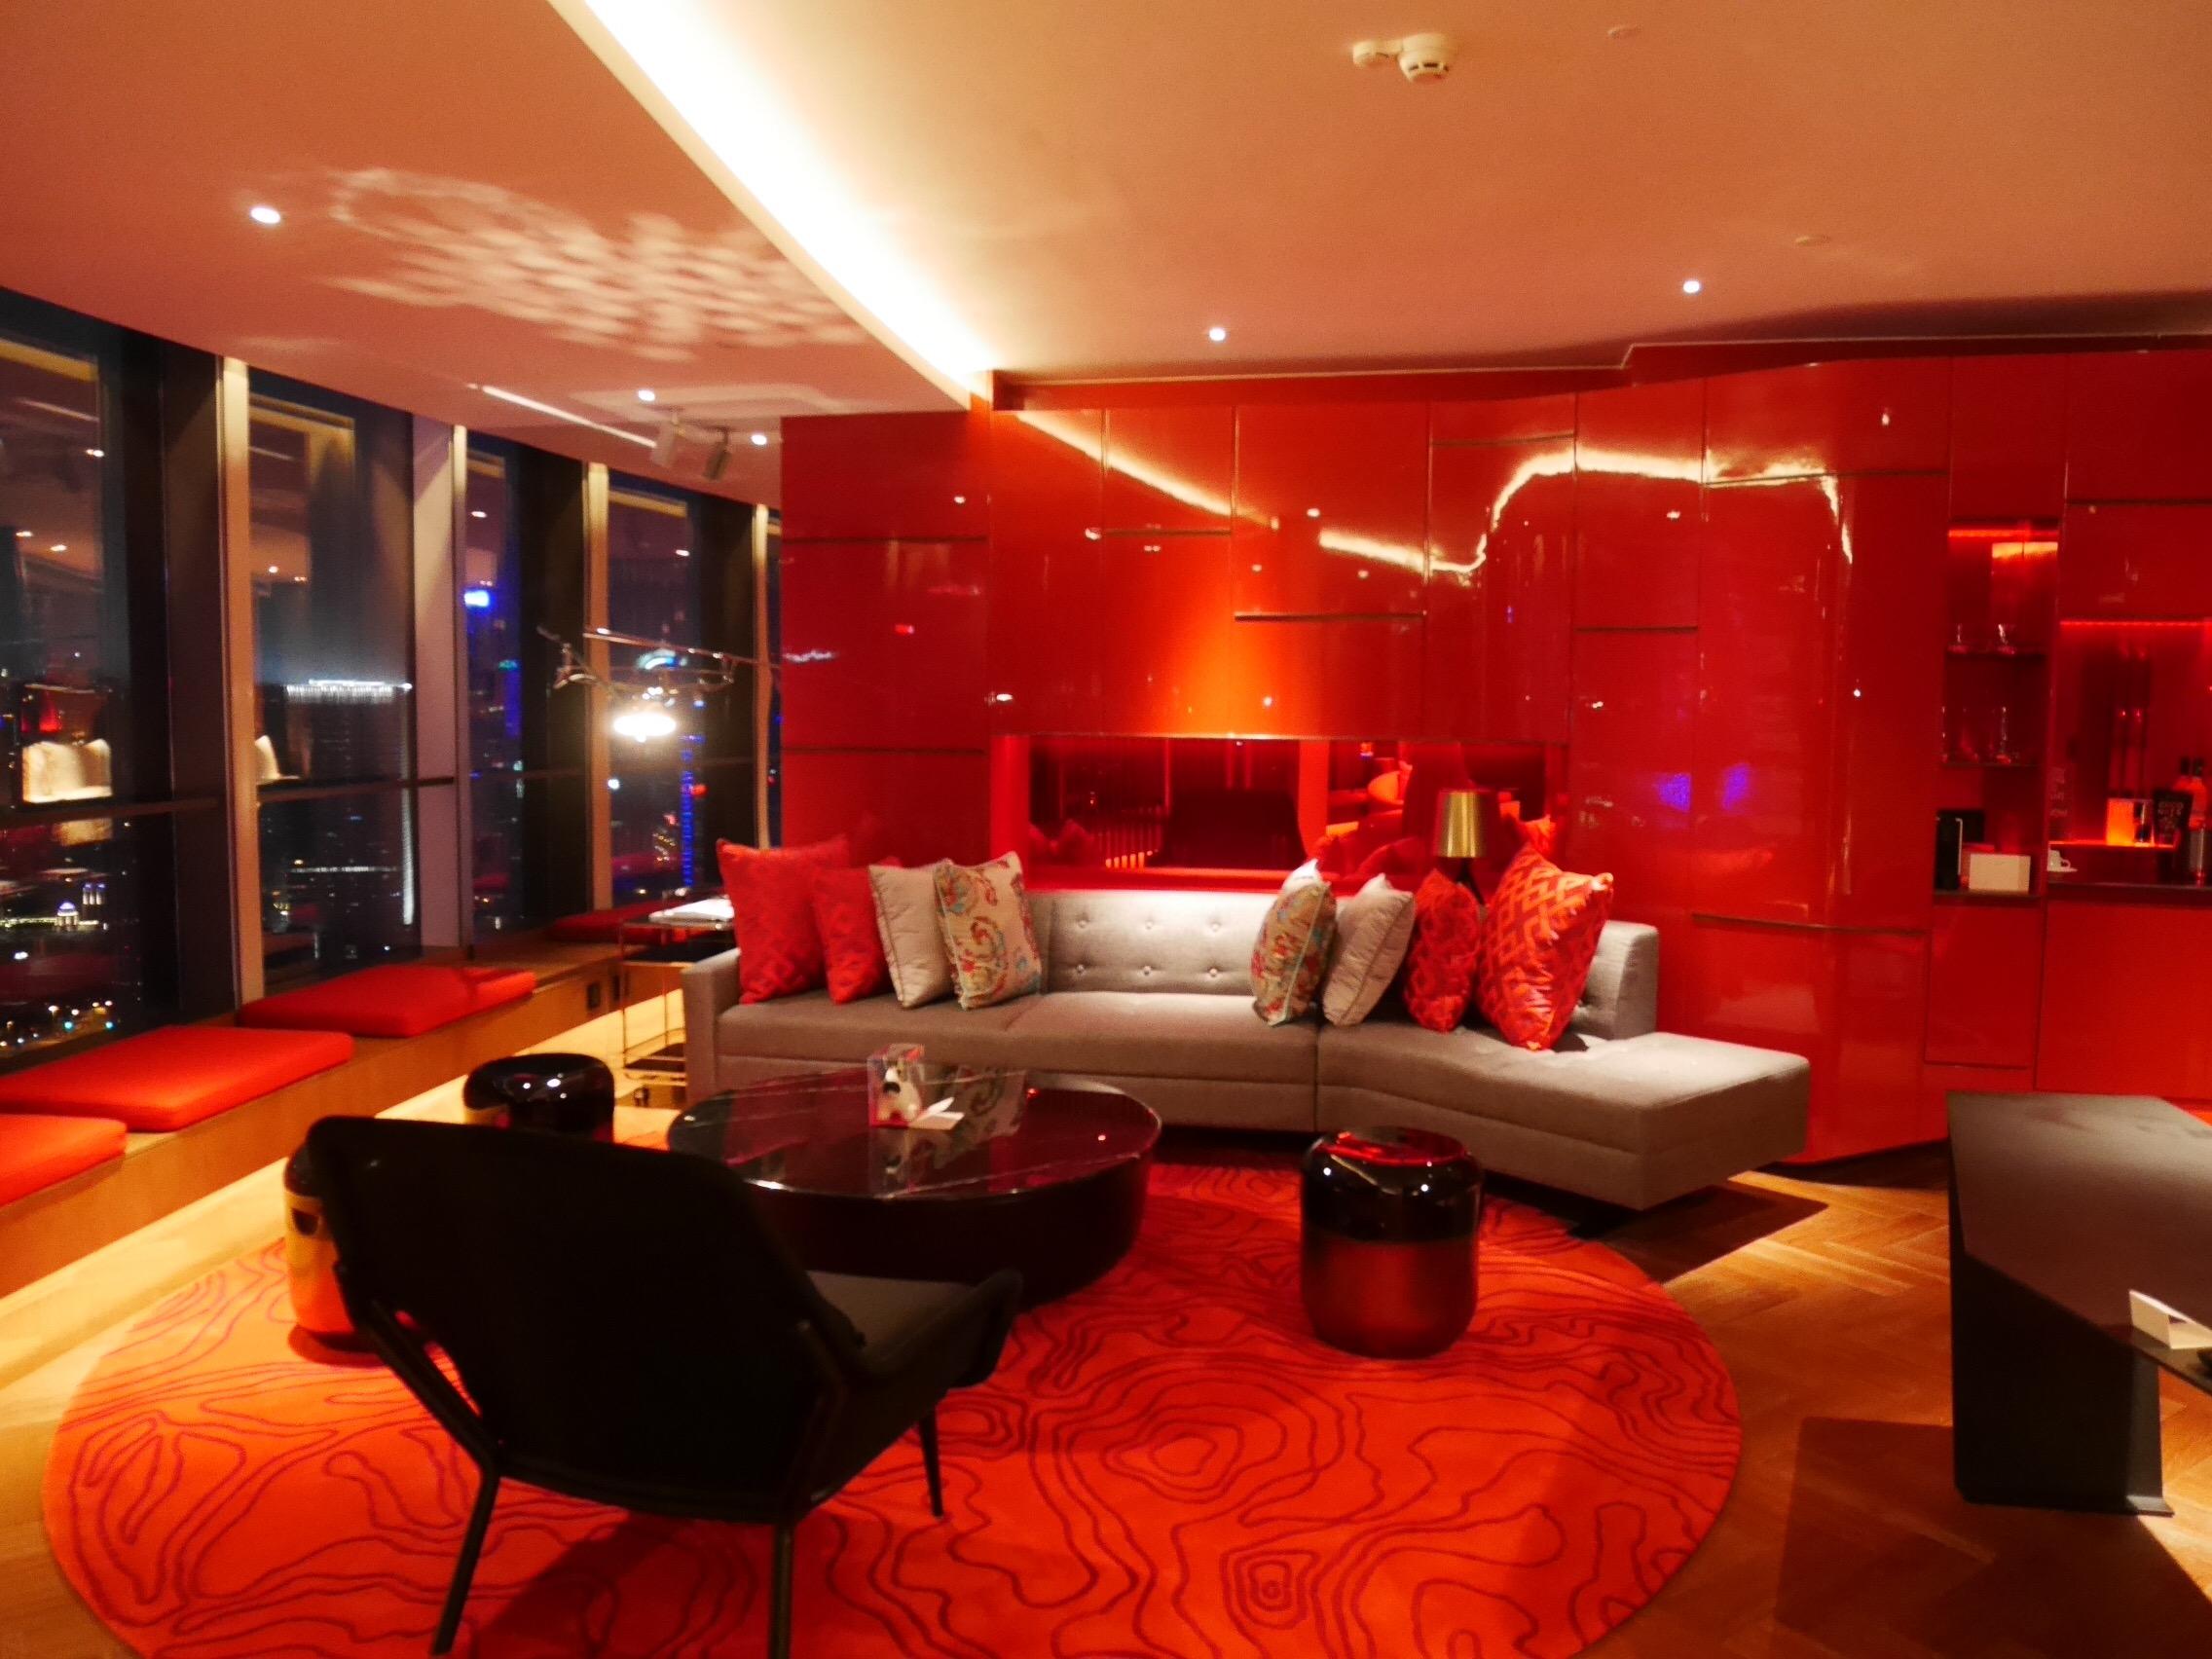 img 6871 - W HOTEL - 上海No.1の景色を楽しむホテル